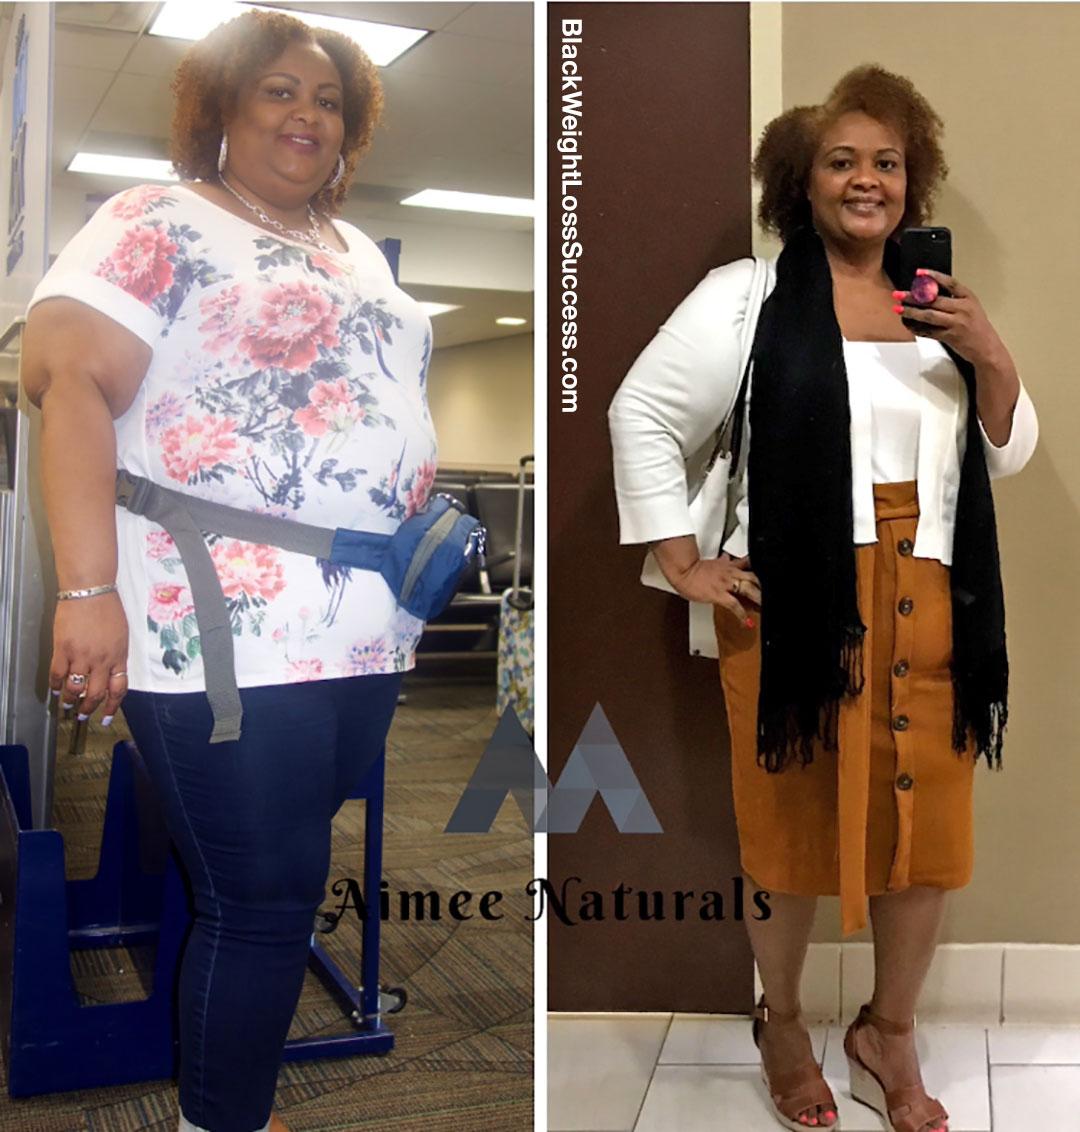 Aimee perdeu 103 libras | Sucesso de perda de peso preto 18